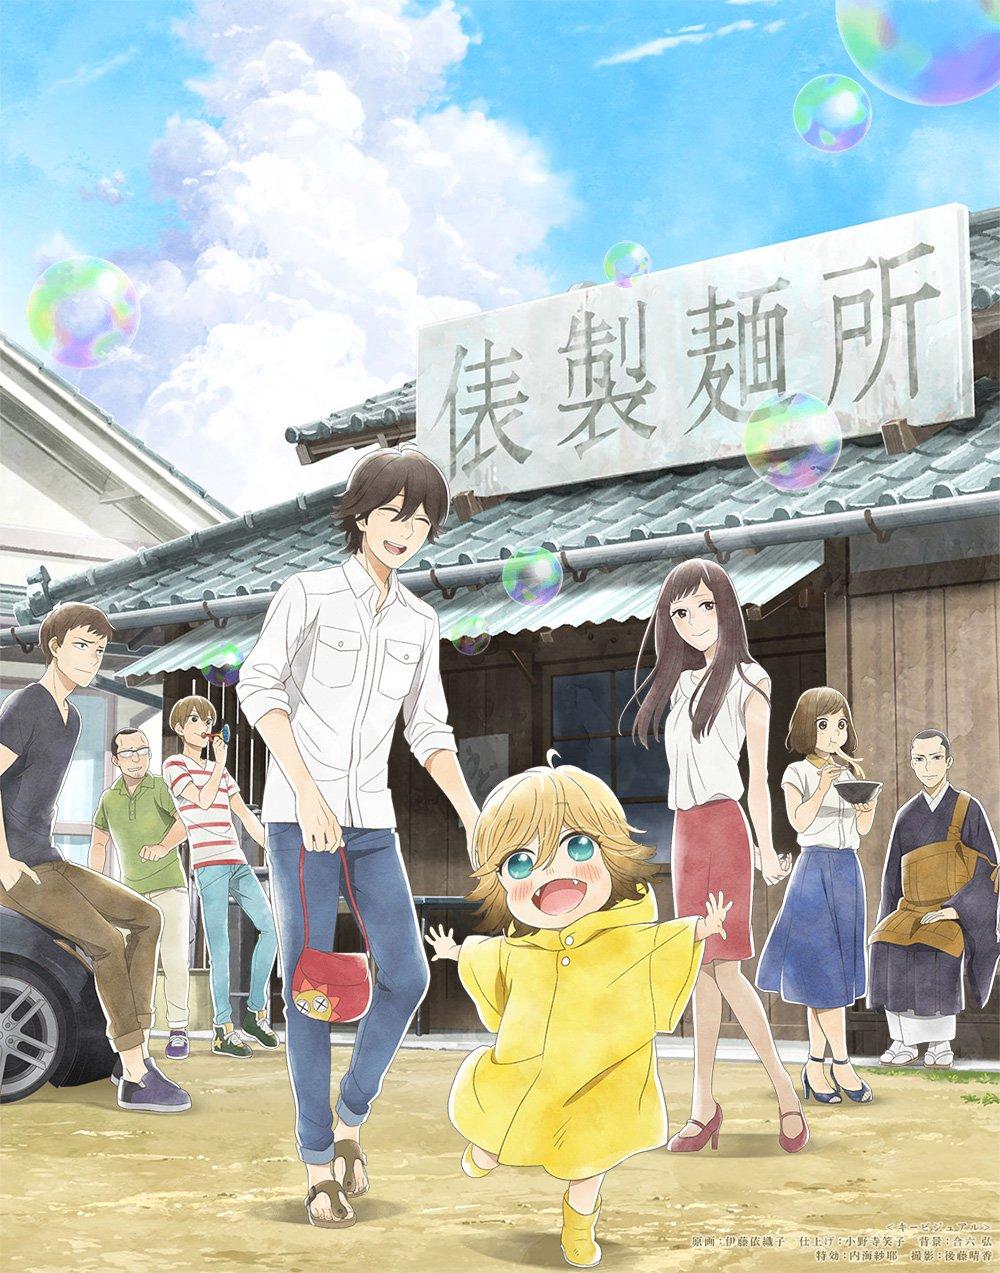 udon-no-kuni-no-kiniro-kemari-anime-visual